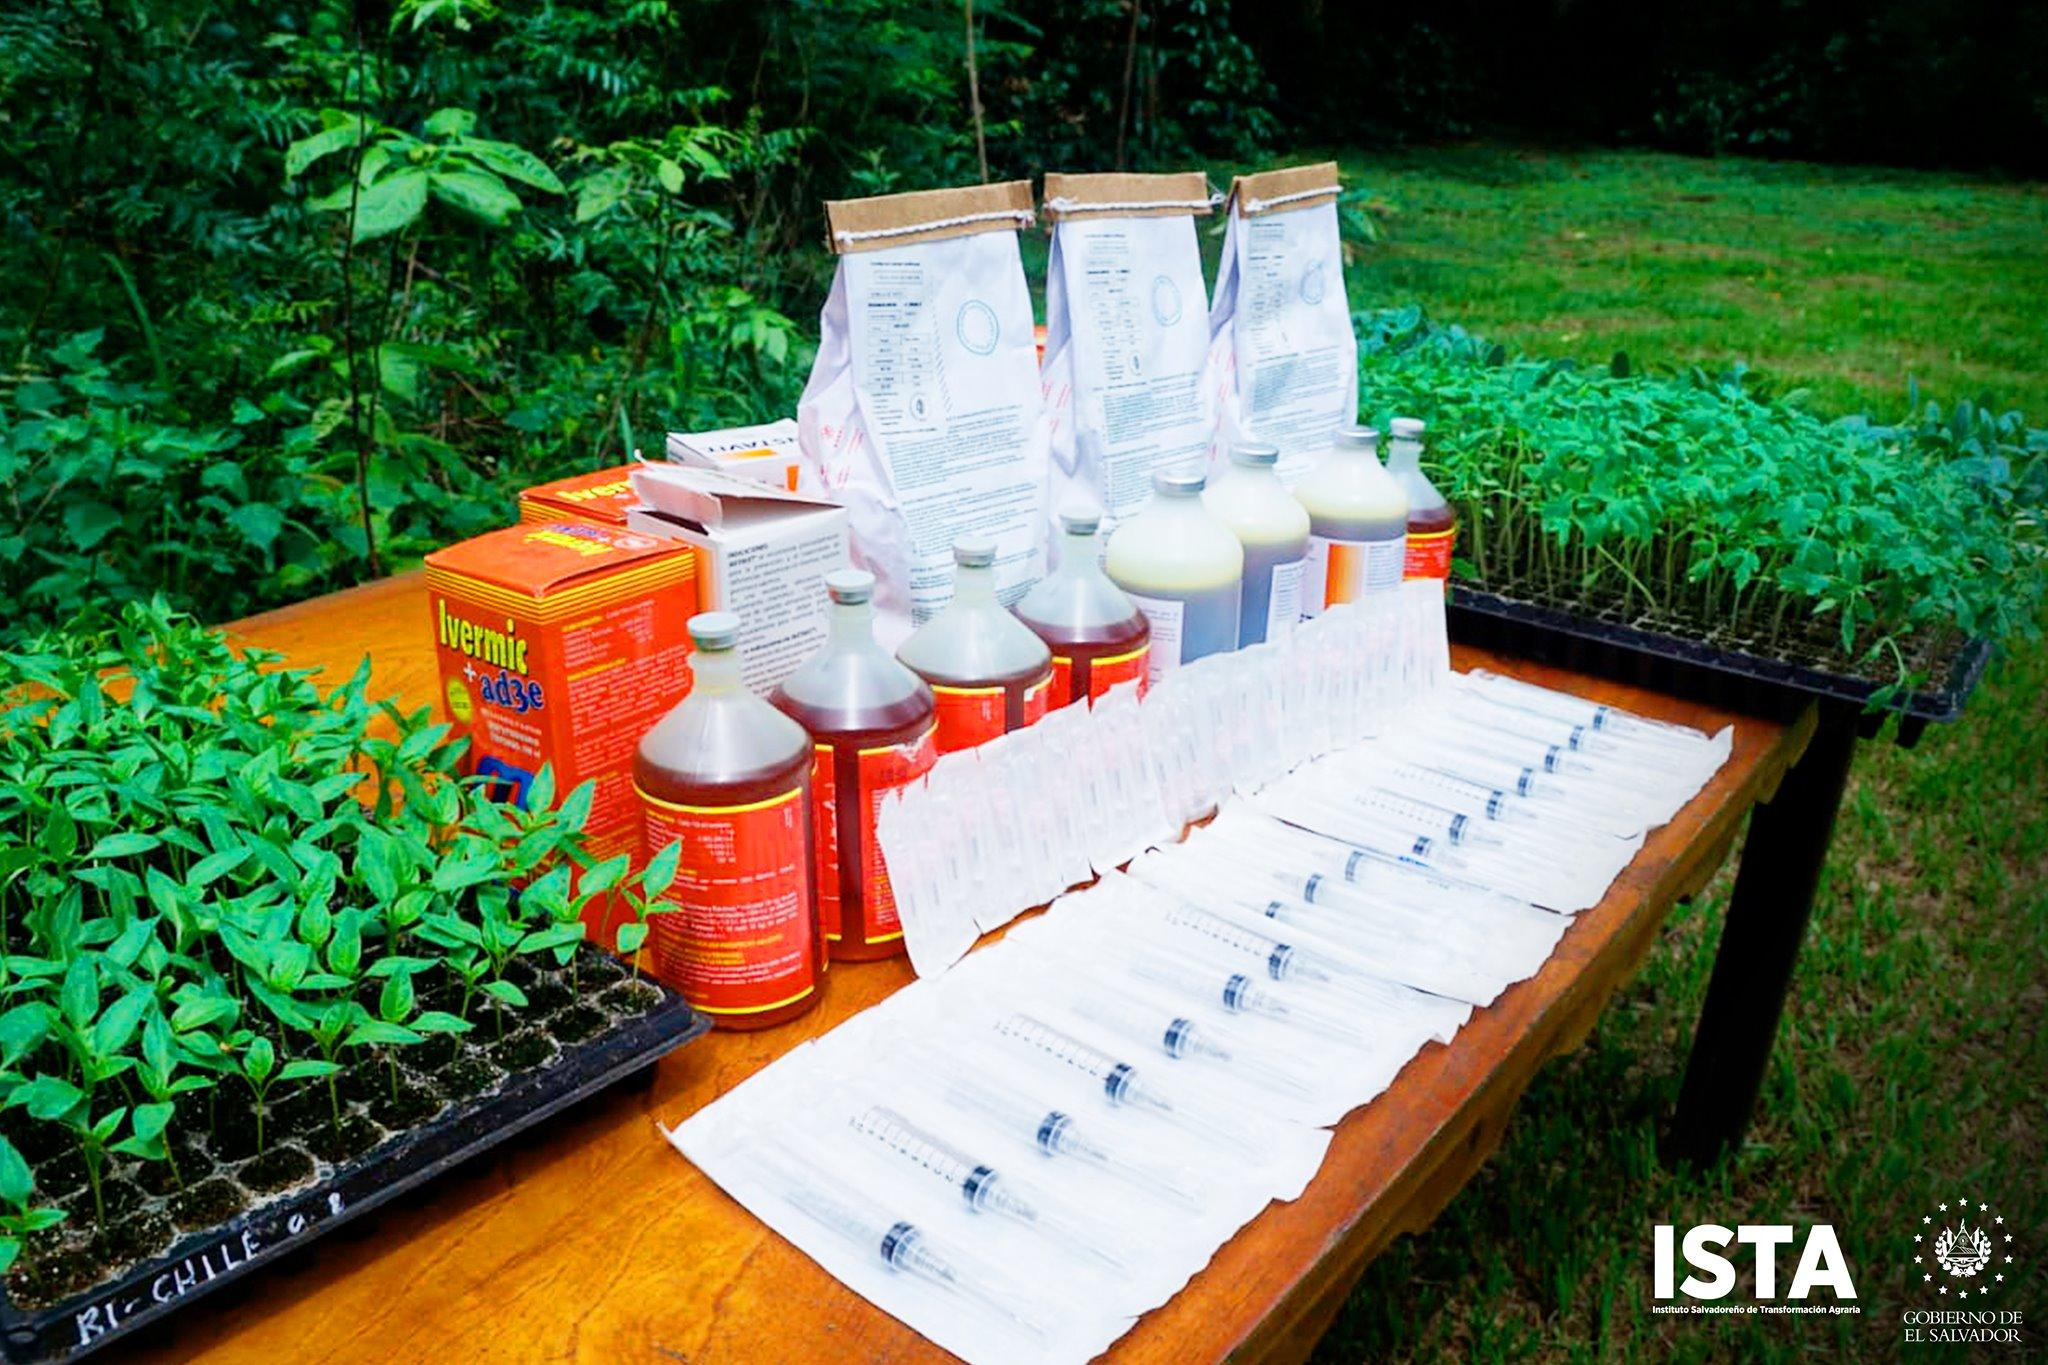 Potencializando la seguridad alimentaria, personal de la Gerencia de las Escuelas Agrarias proporcionaron insumos